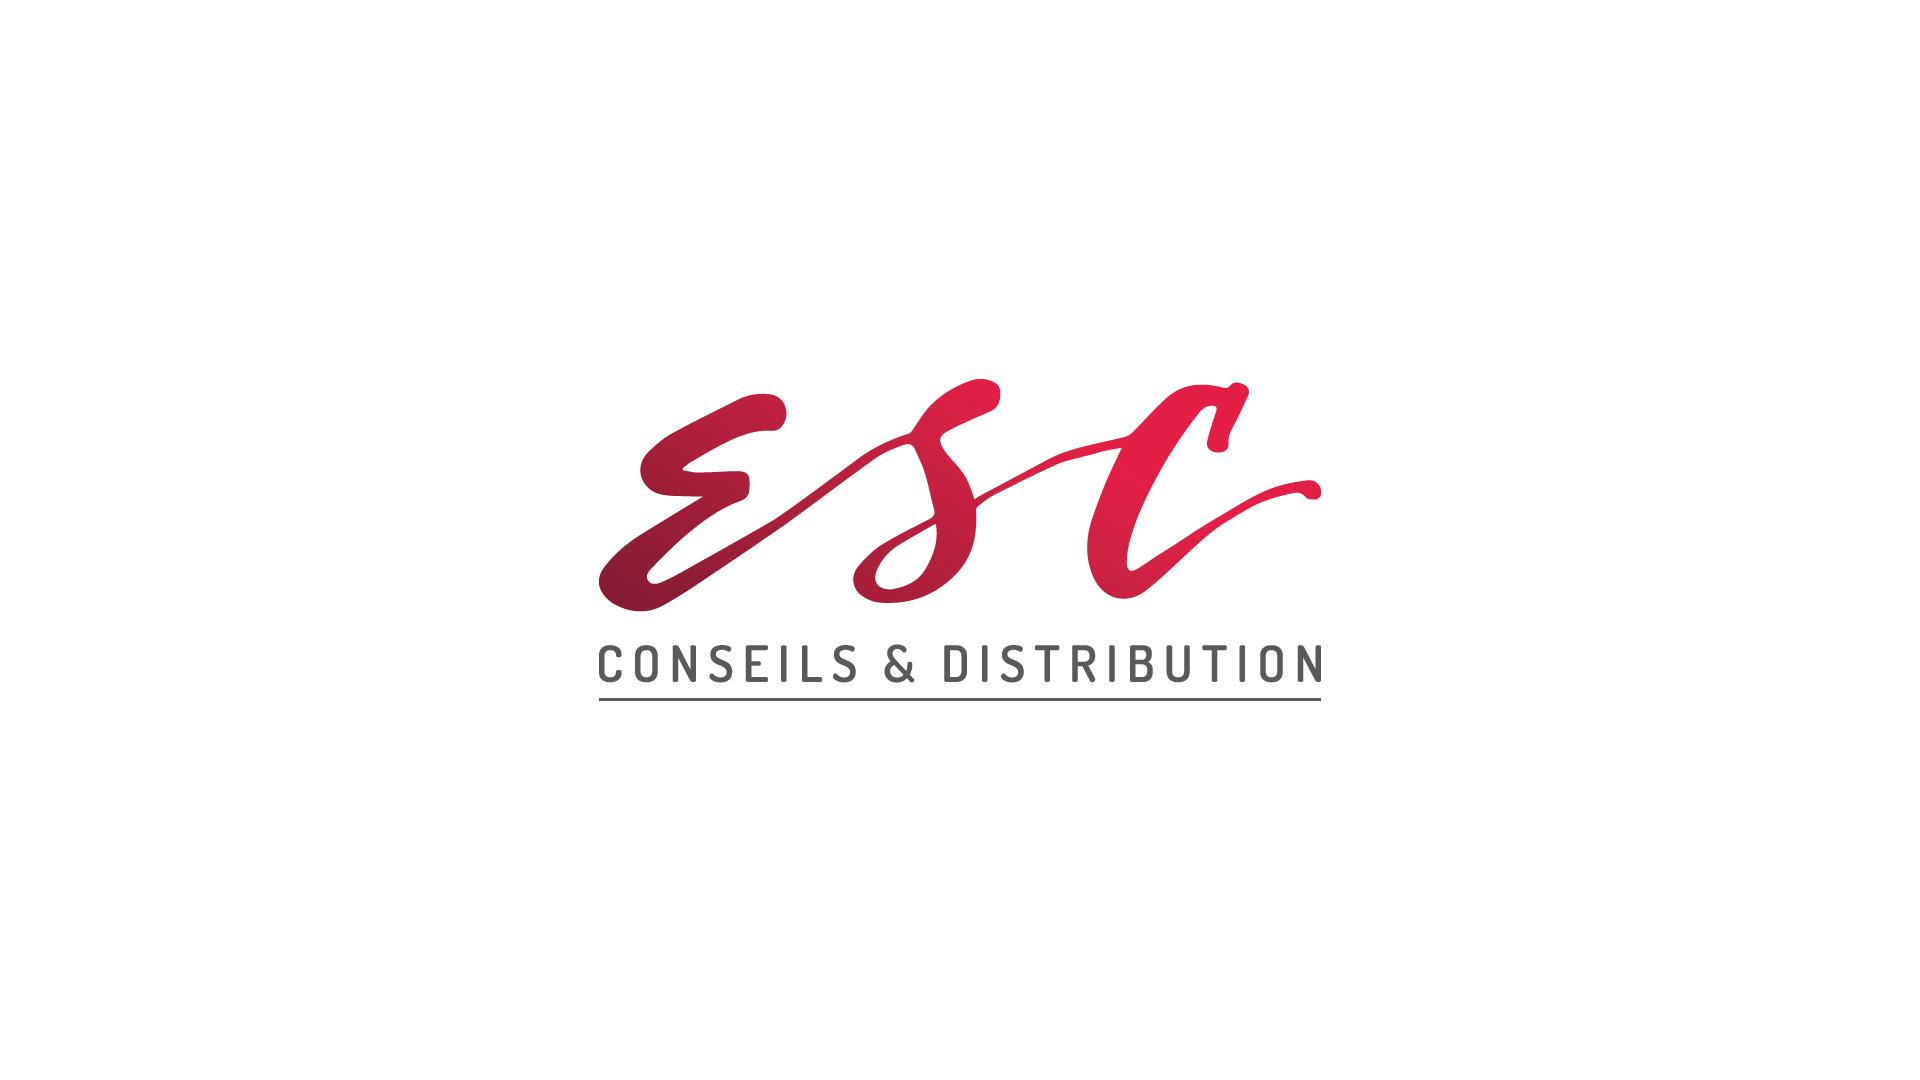 ESC Distribution : Community Management